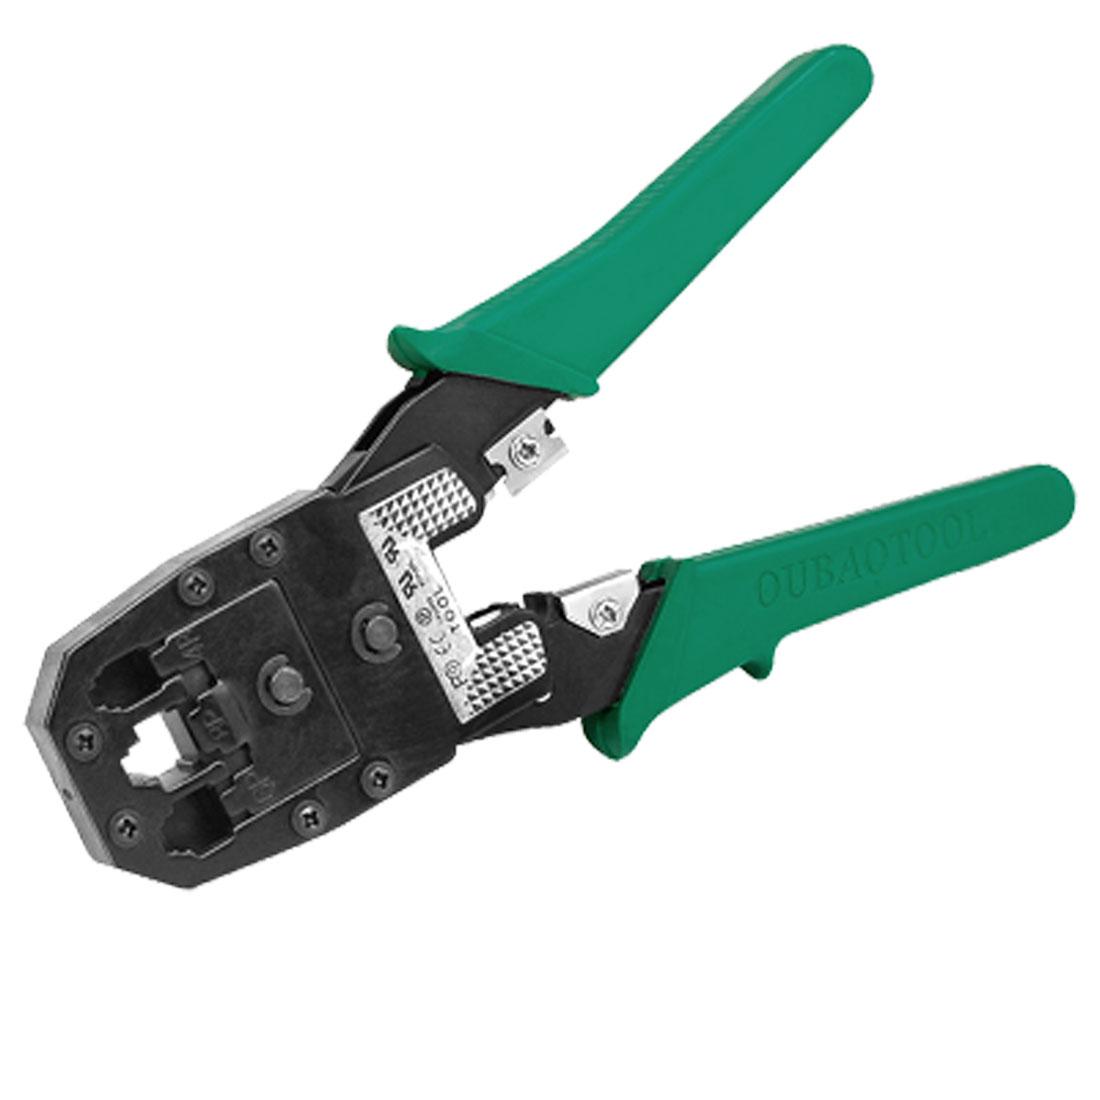 RJ45 RJ11 RJ12 8P8C Crimper Crimping Network Pliers Tool